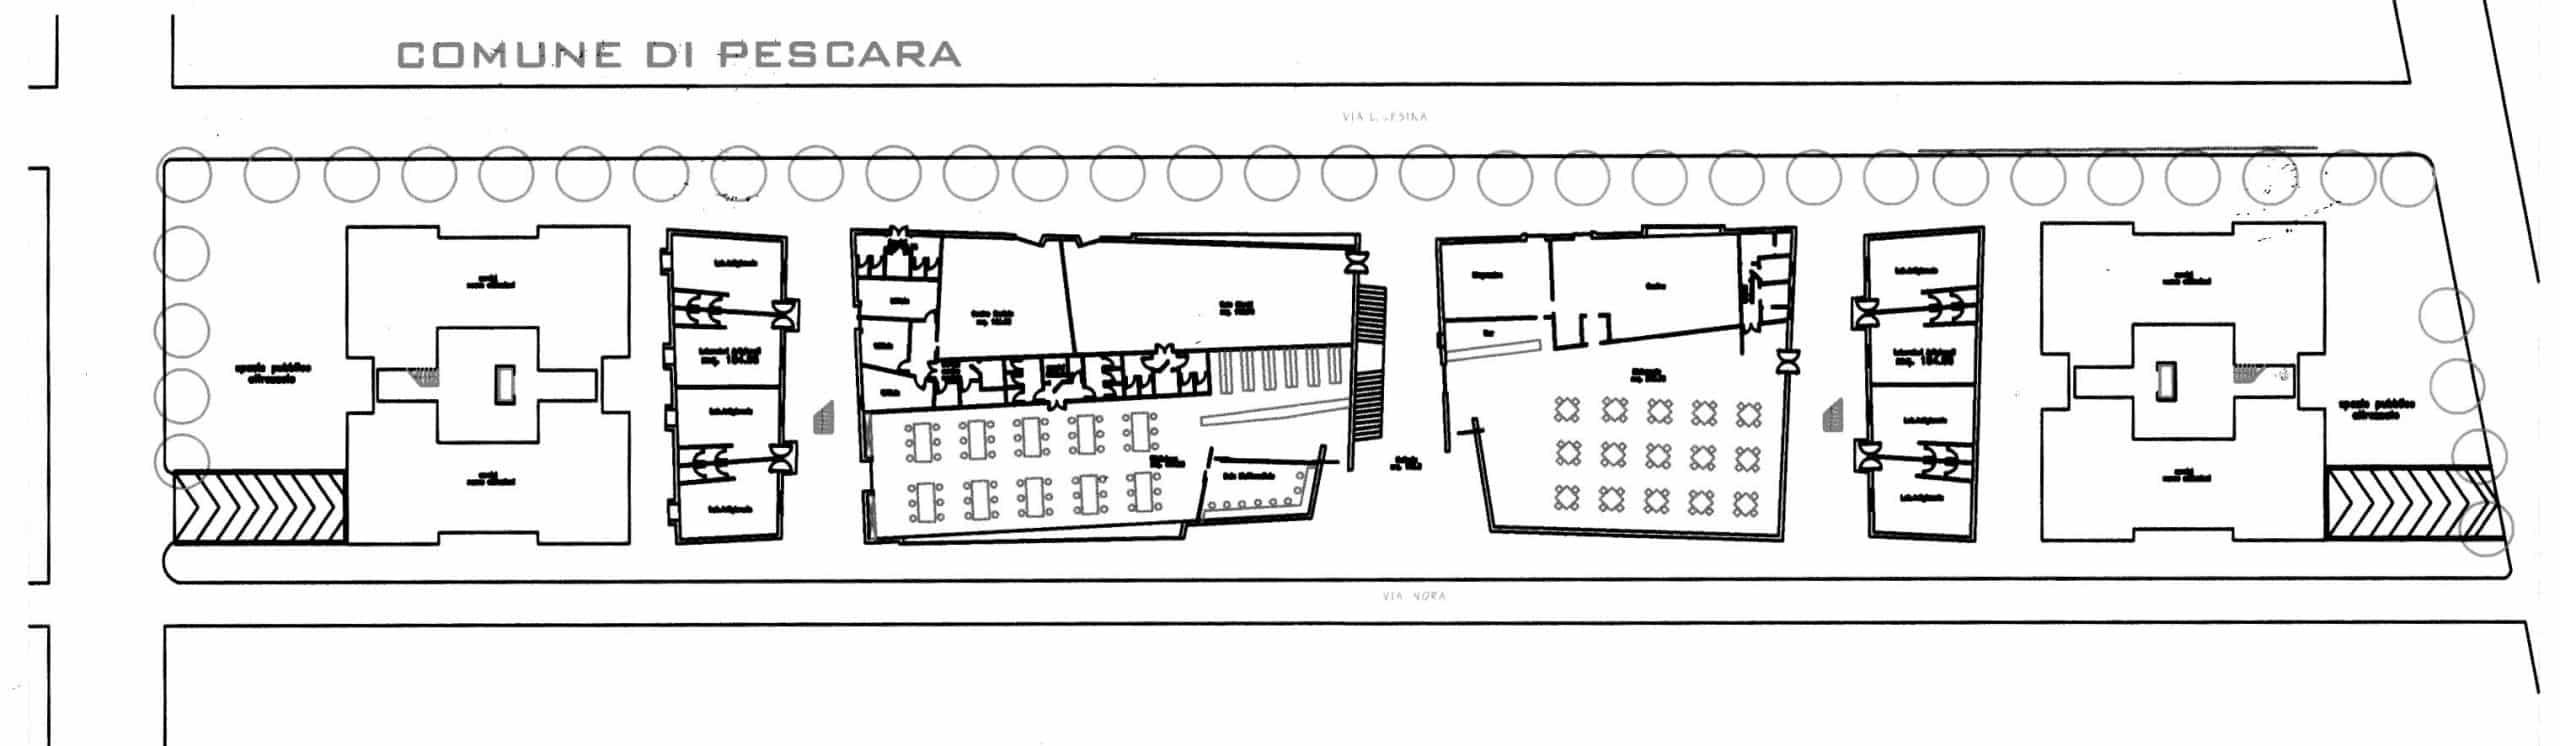 16 - CdQ, Quartiere 3 - Rione Rancitelli, Pescara; con D. Bugiani, G. Di Cristina, R. Mascetta e D. Tronca - Planimetria generale